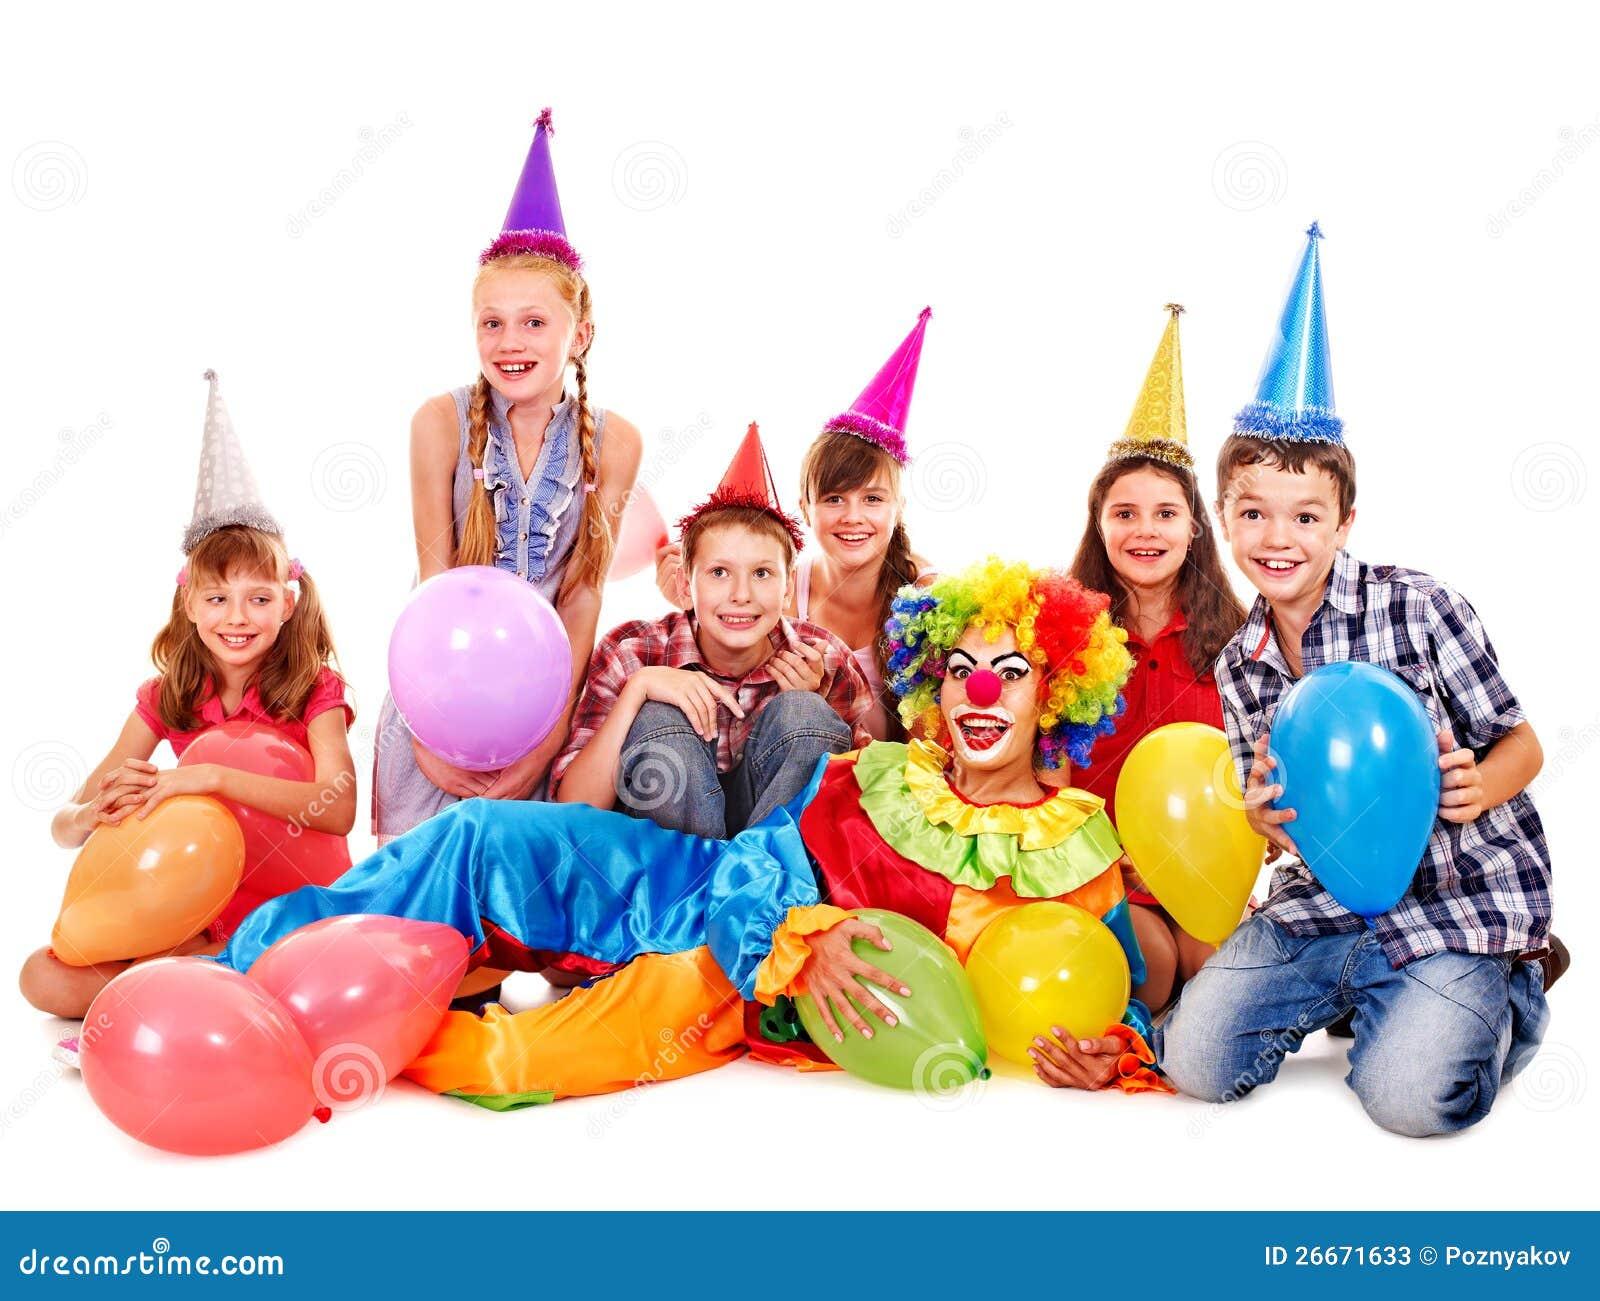 Photos de la fête de l'adolescence d